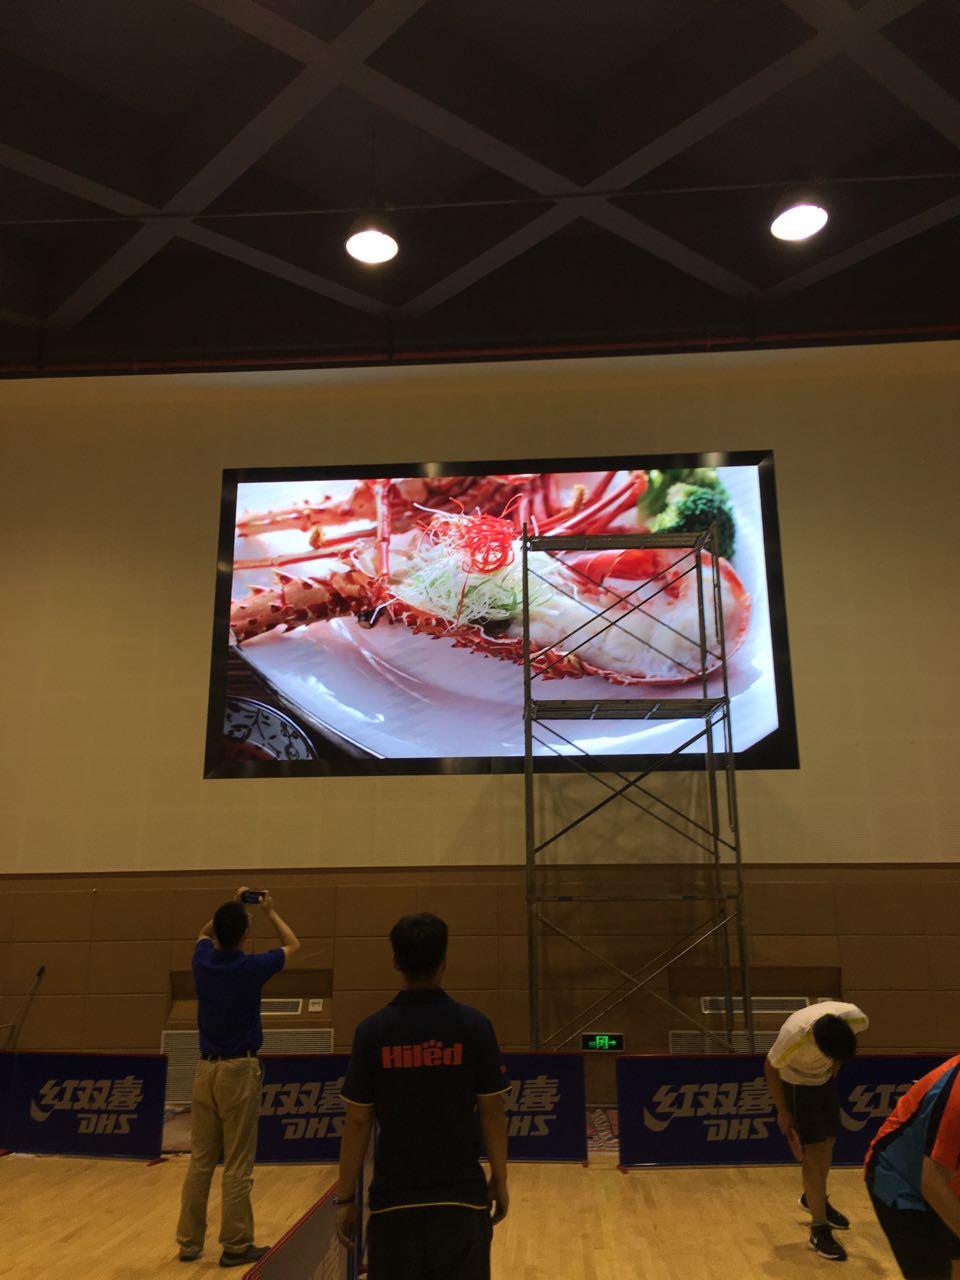 江苏直销LED全彩色电子显示屏价格行情 来电咨询 上海谙显电子技术365体育投注打不开了_365体育投注 平板_bet365体育在线投注